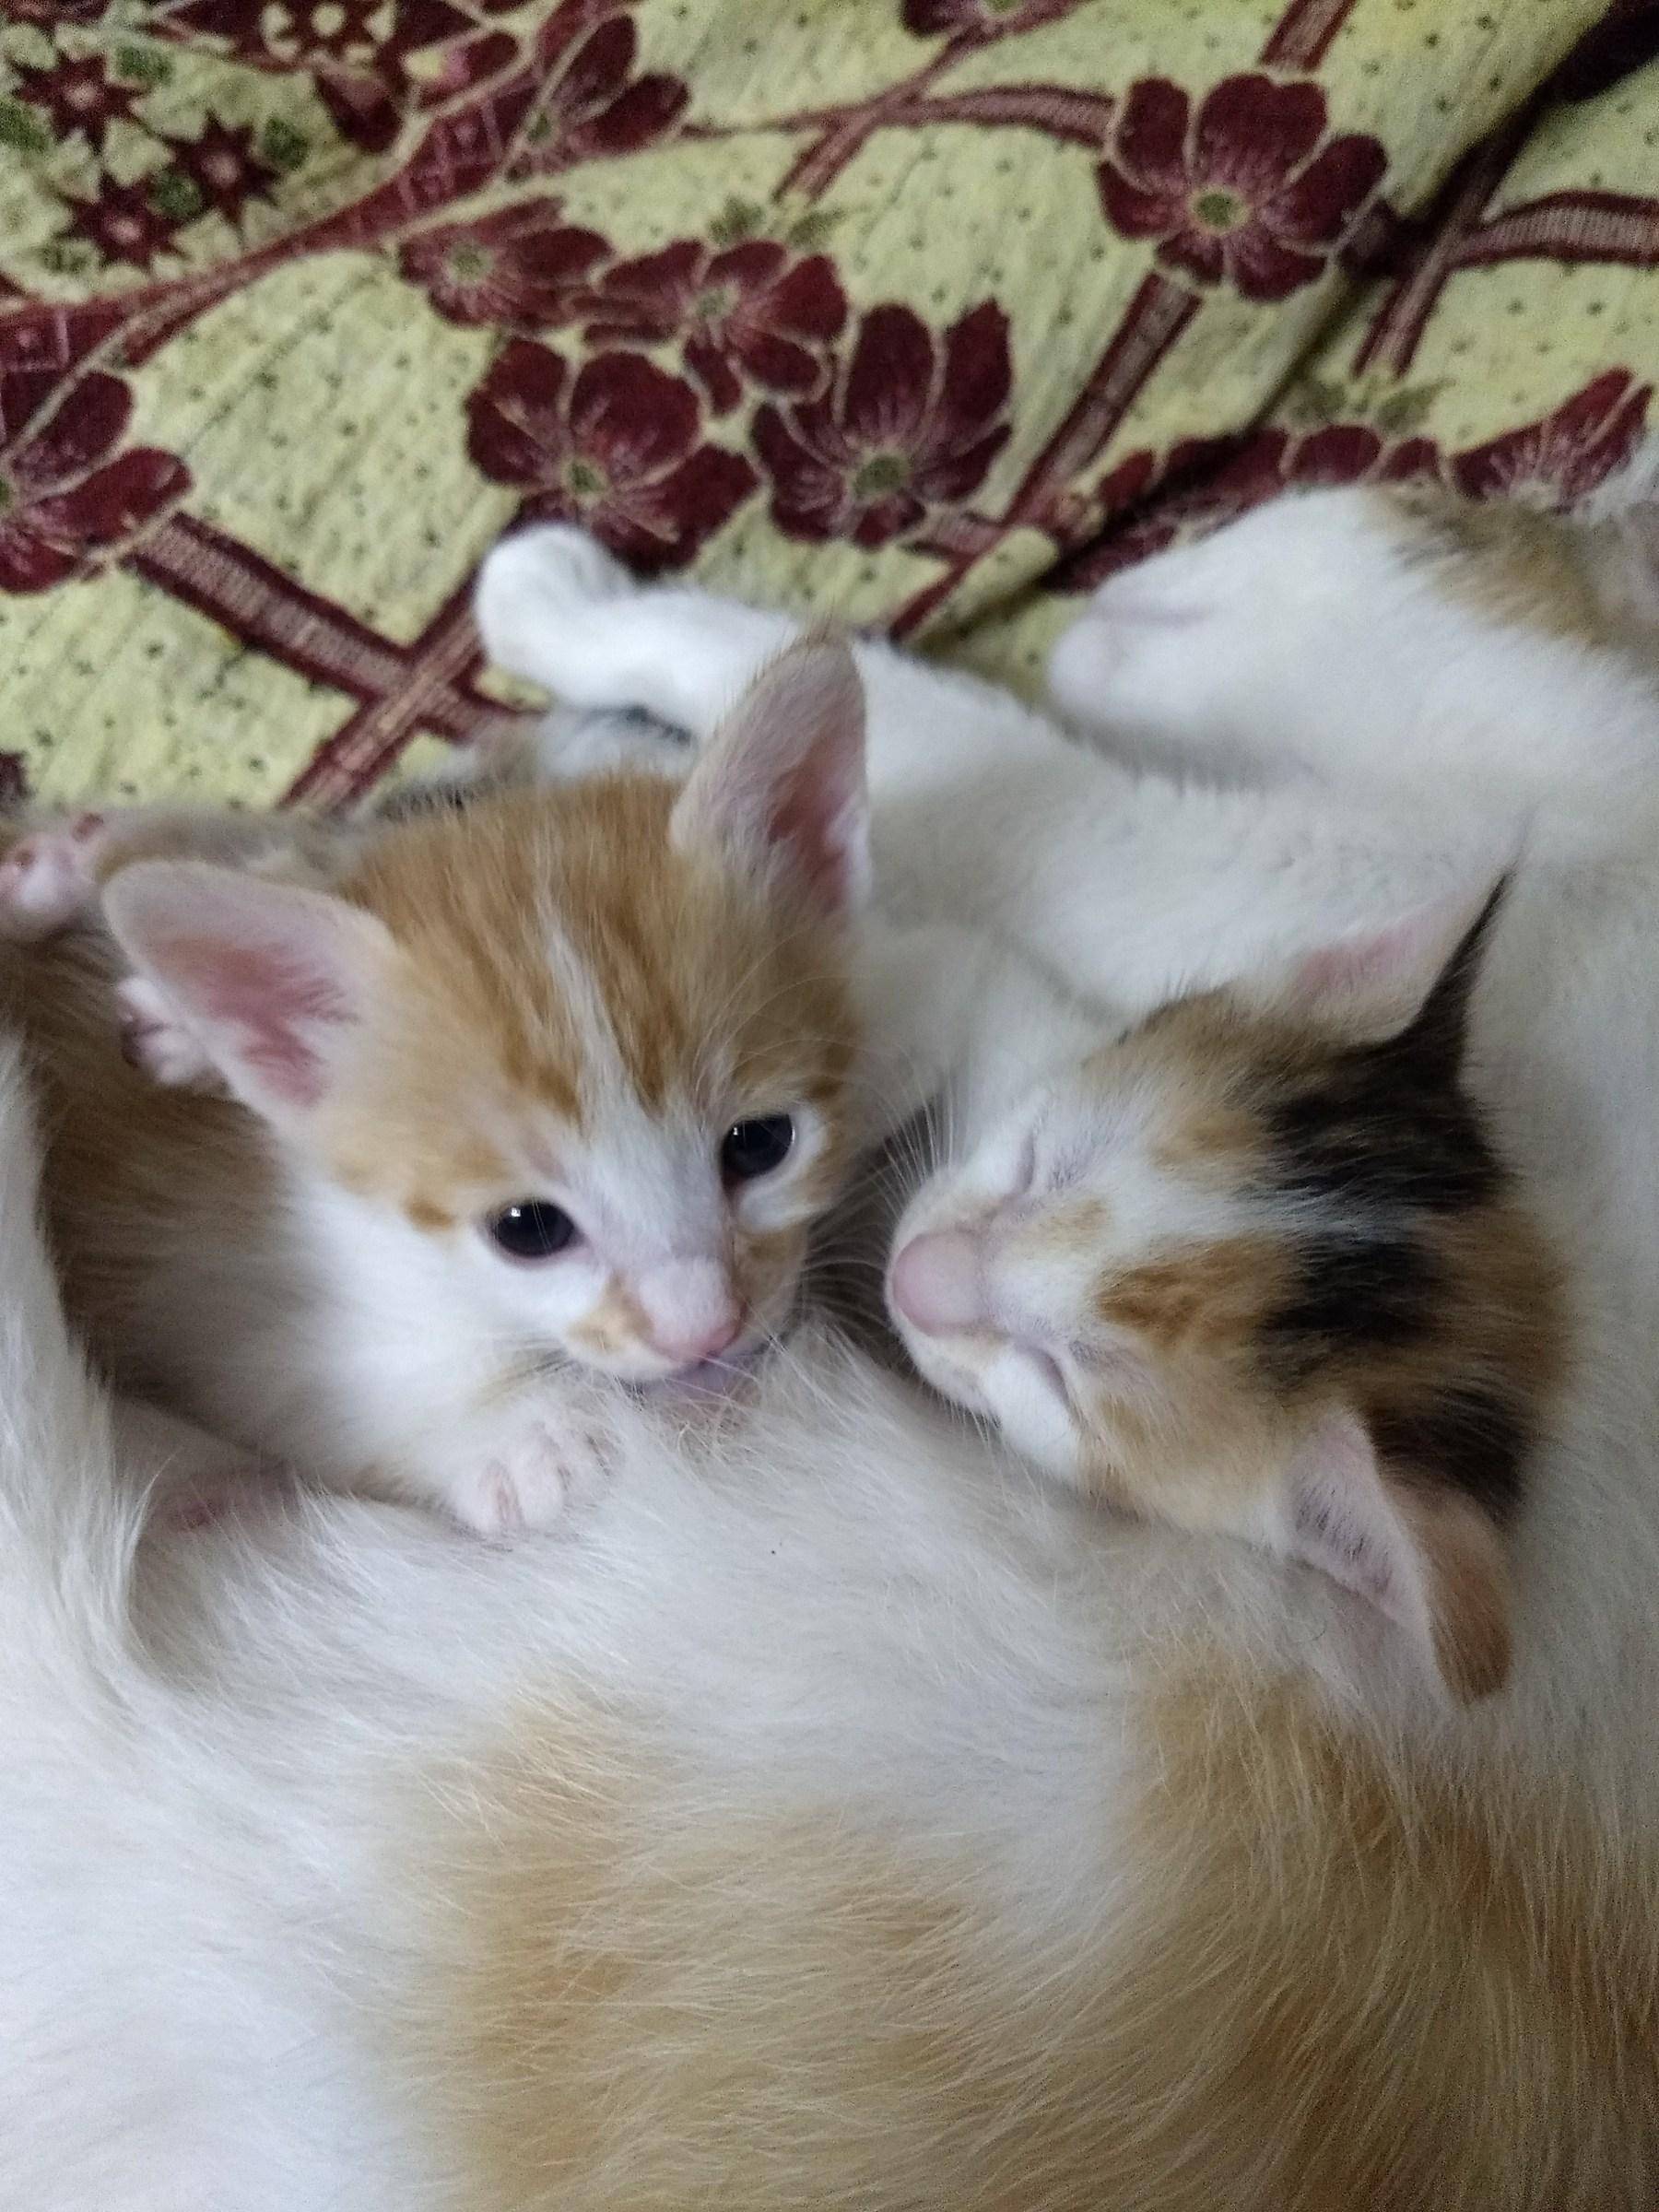 My kitten#3...